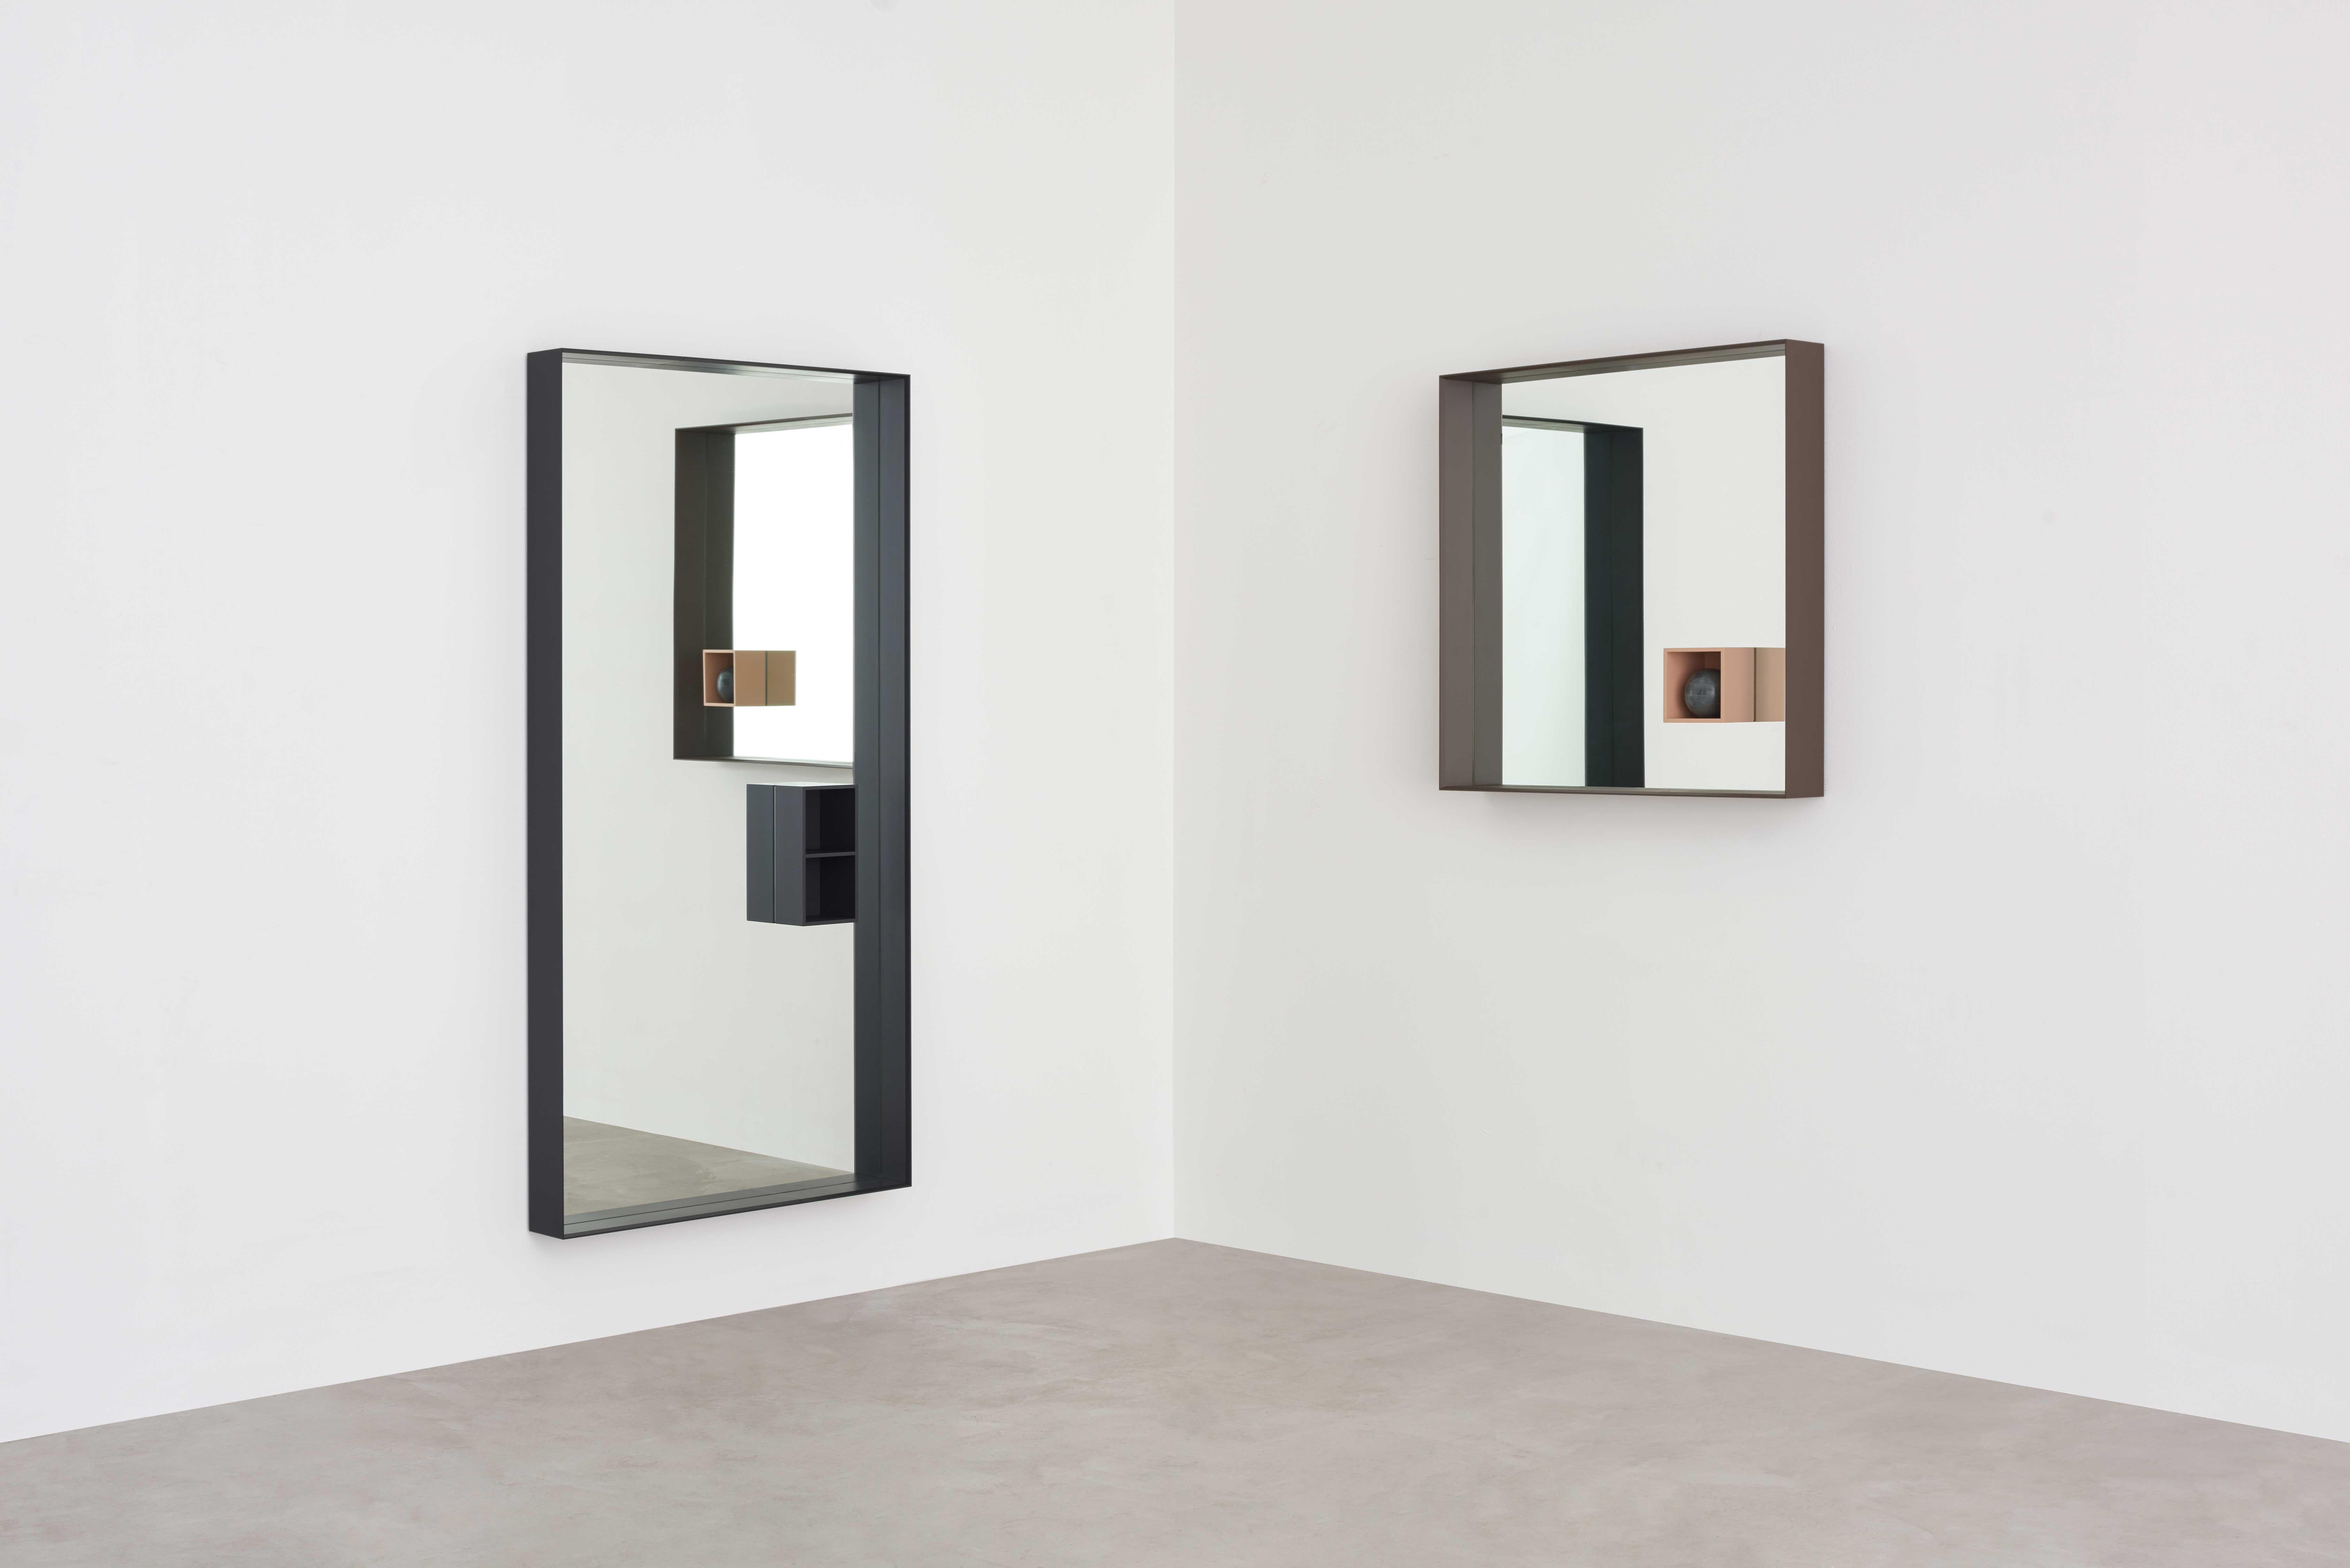 Desalto – Gallery